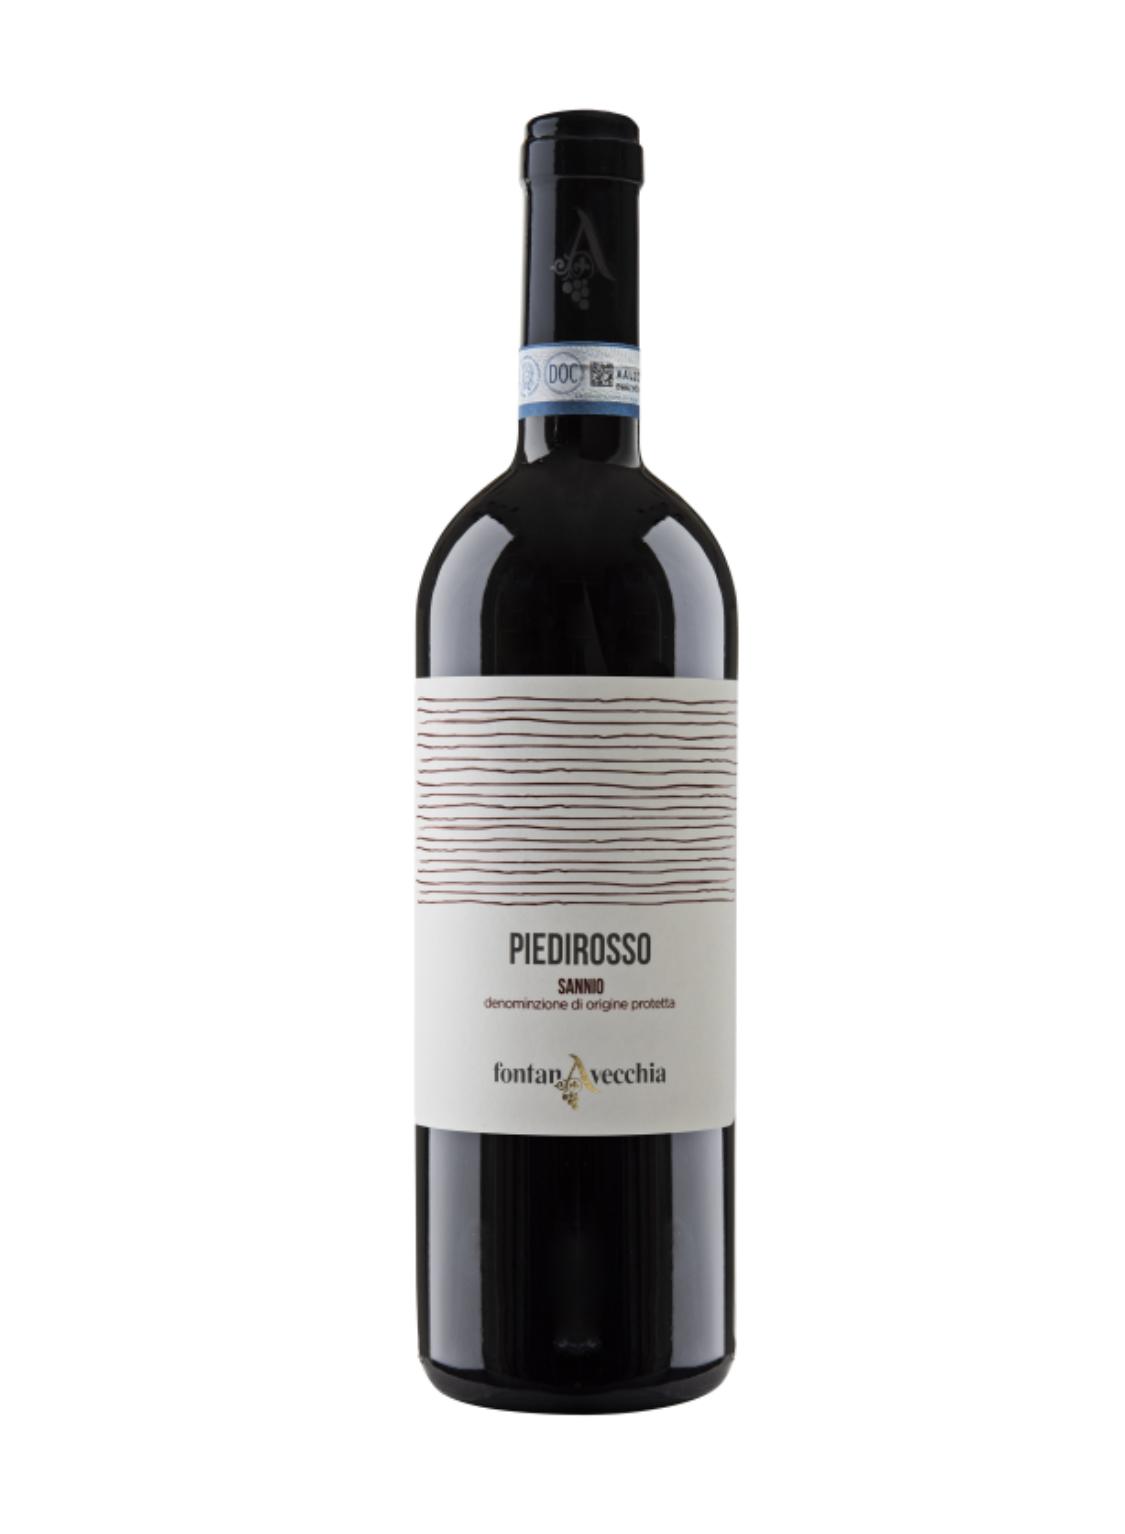 Piedirosso 2019 - Azienda Fontanavecchia